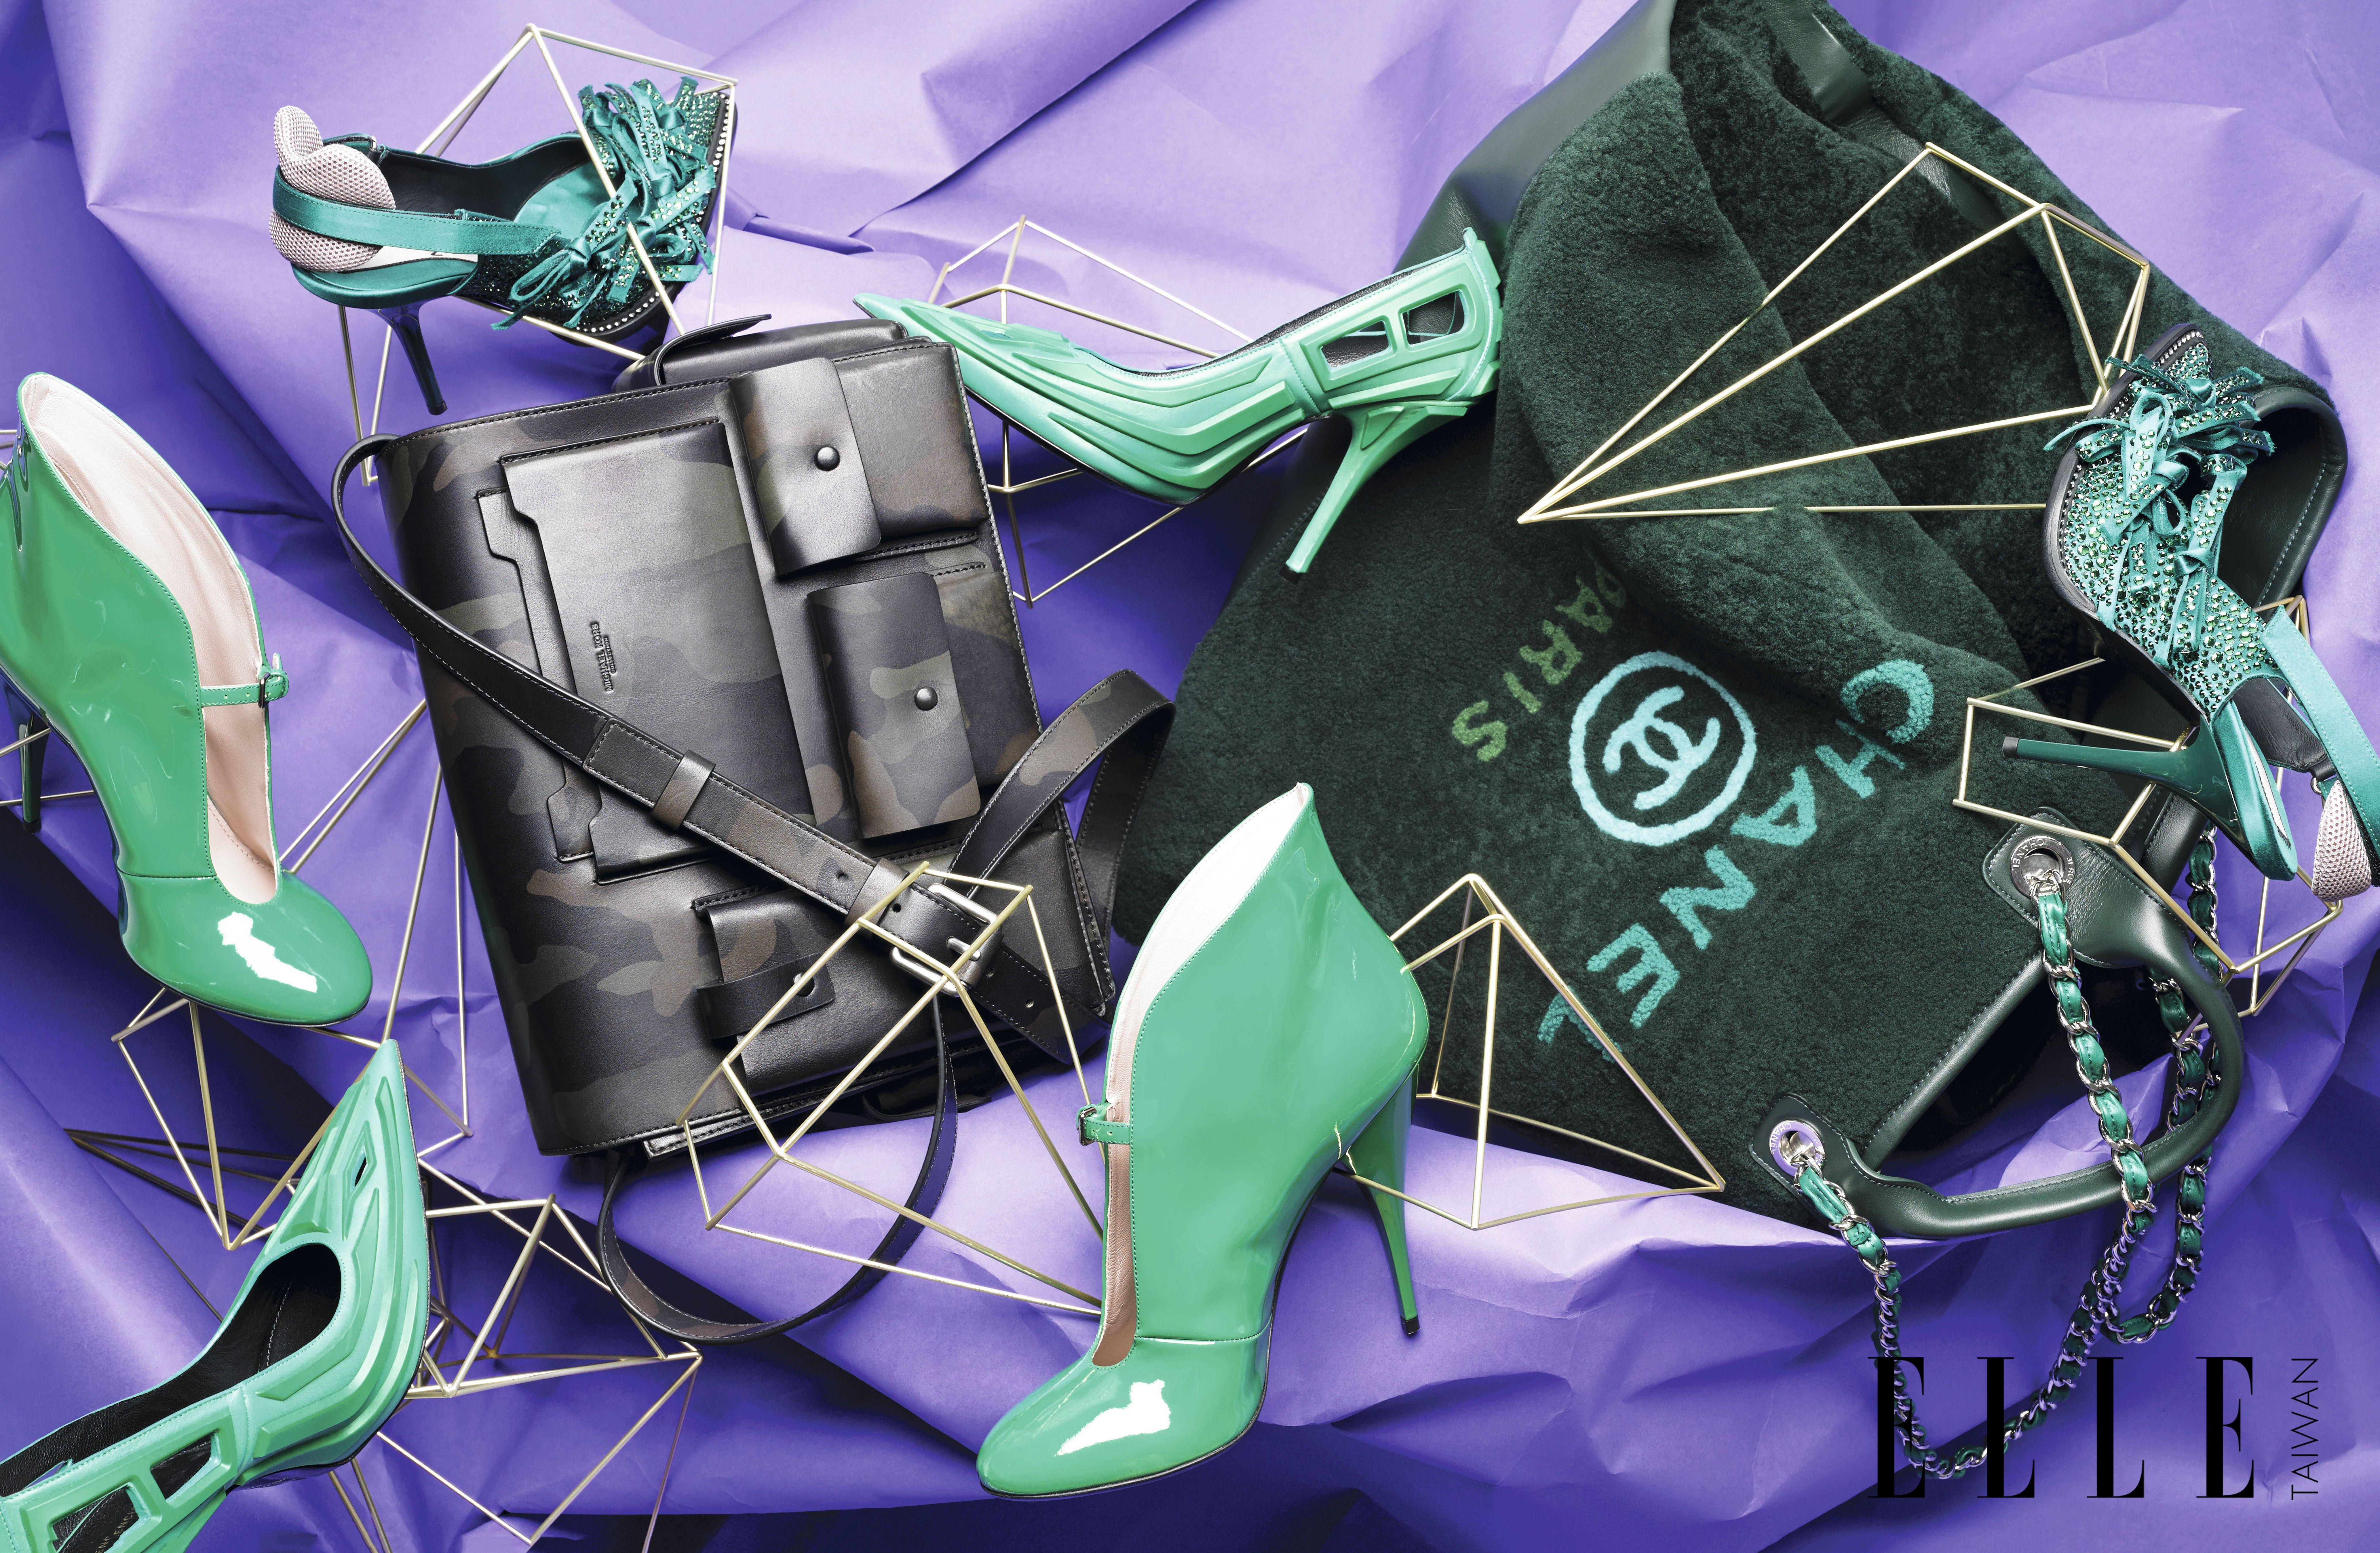 由左至右:流線綠色跟鞋(MIU MIU);尖頭橡膠鏤空跟鞋(BALENCIAGA);水晶蝴蝶結飾高跟鞋(N°21);迷彩皮革肩背公事包(MICHAEL KORS COLLECTION);墨綠色羊毛皮革大型購物包(CHANEL)。